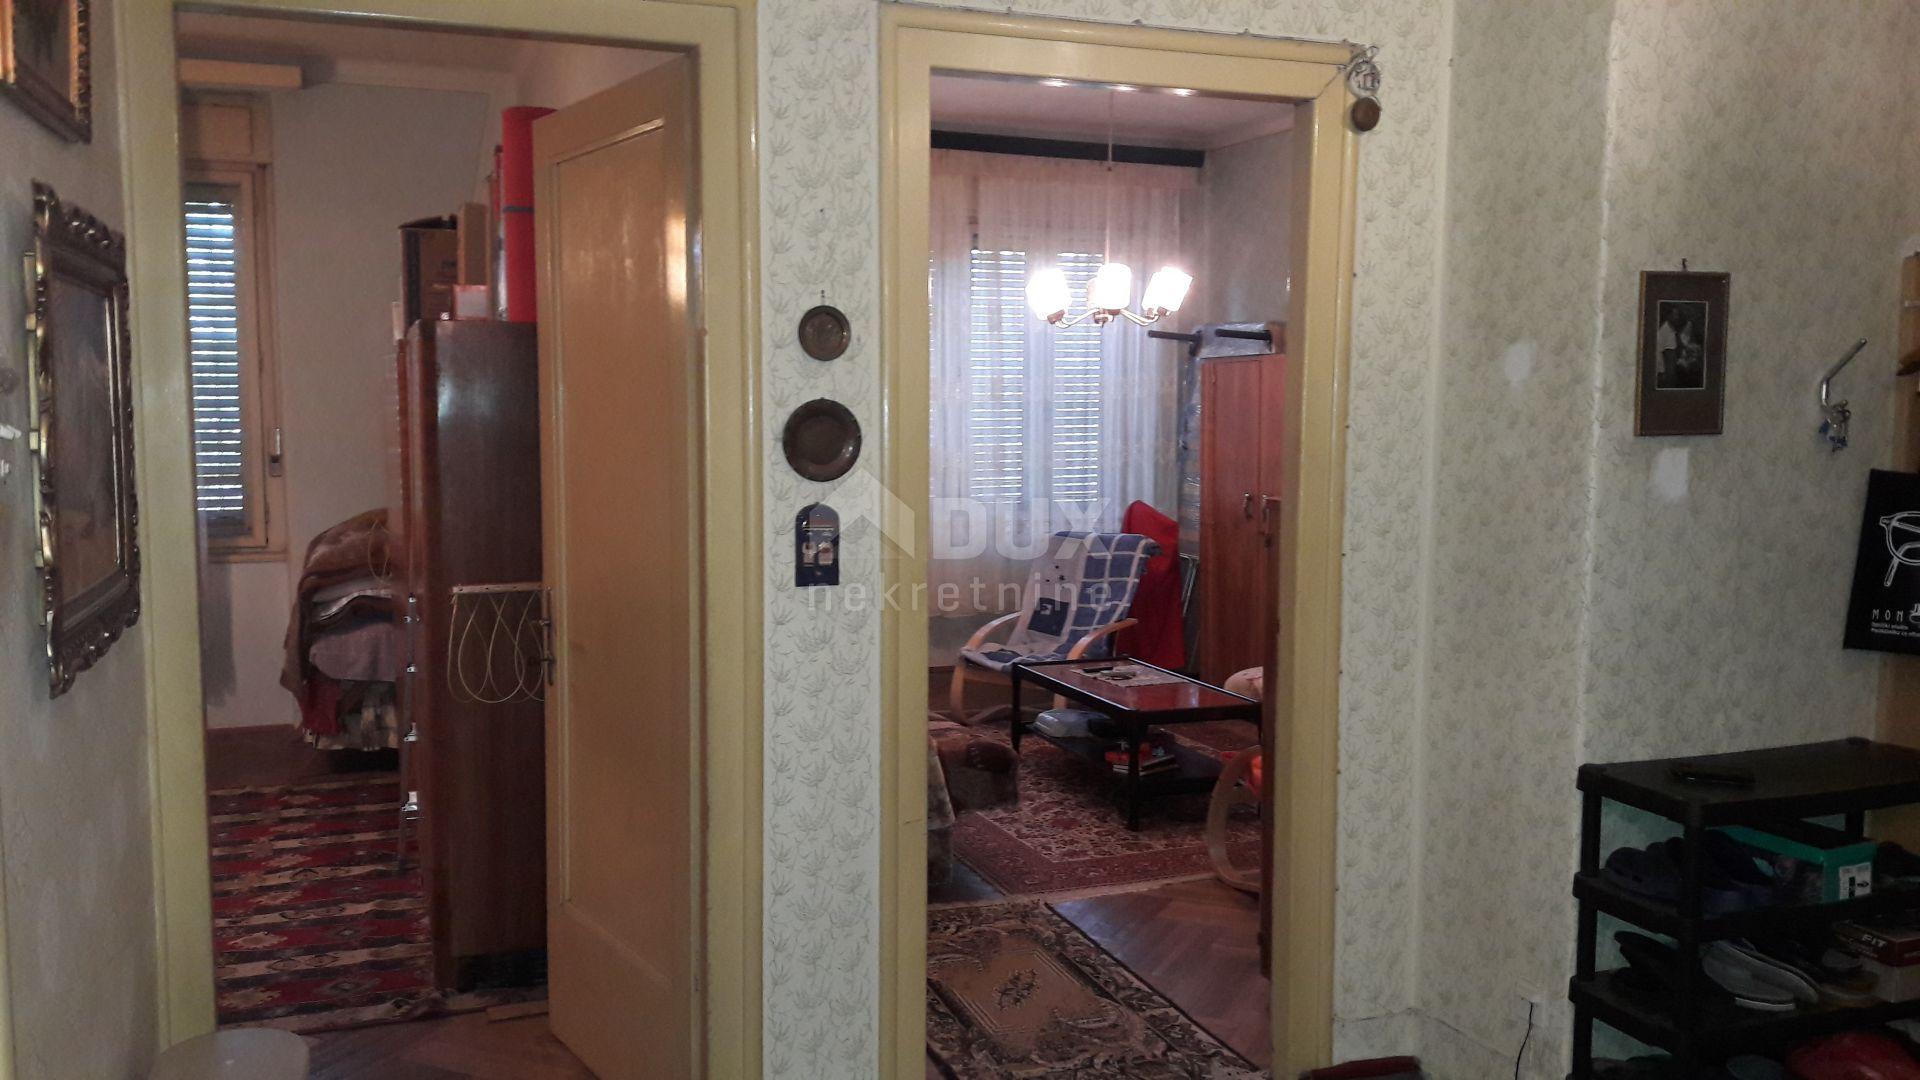 Apartment Pećine, Rijeka, 68m2